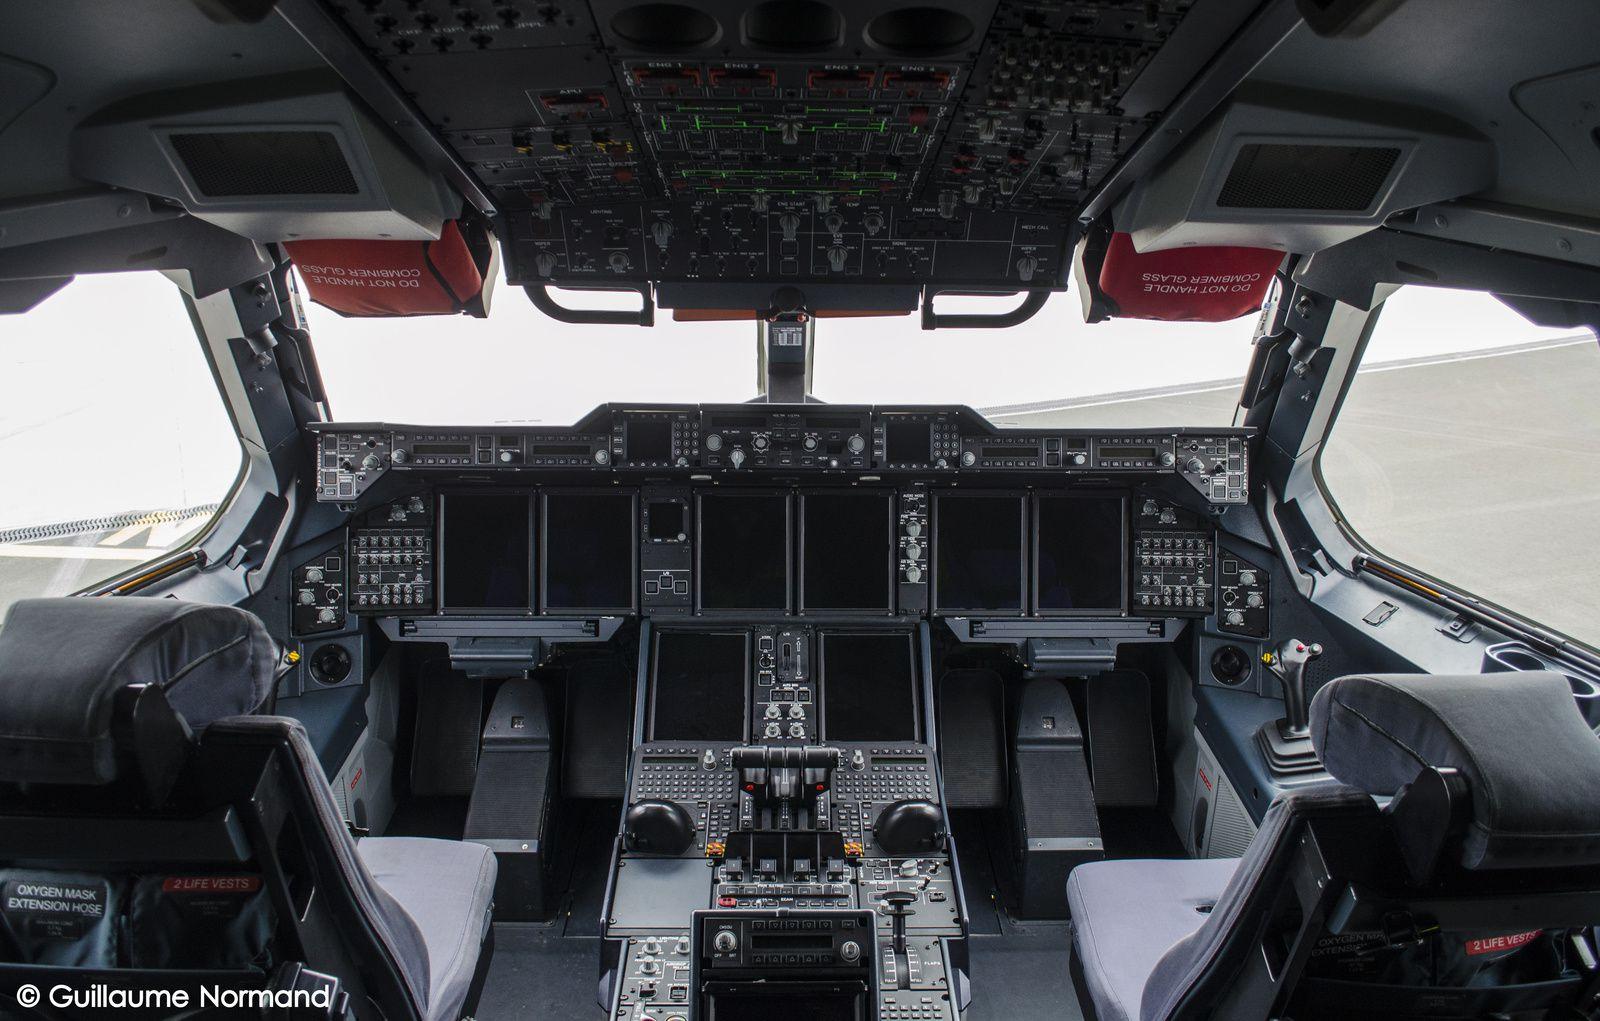 PHOTOS - Le SIGEM a fait escale sur la base aérienne 123 d'Orléans-Bricy